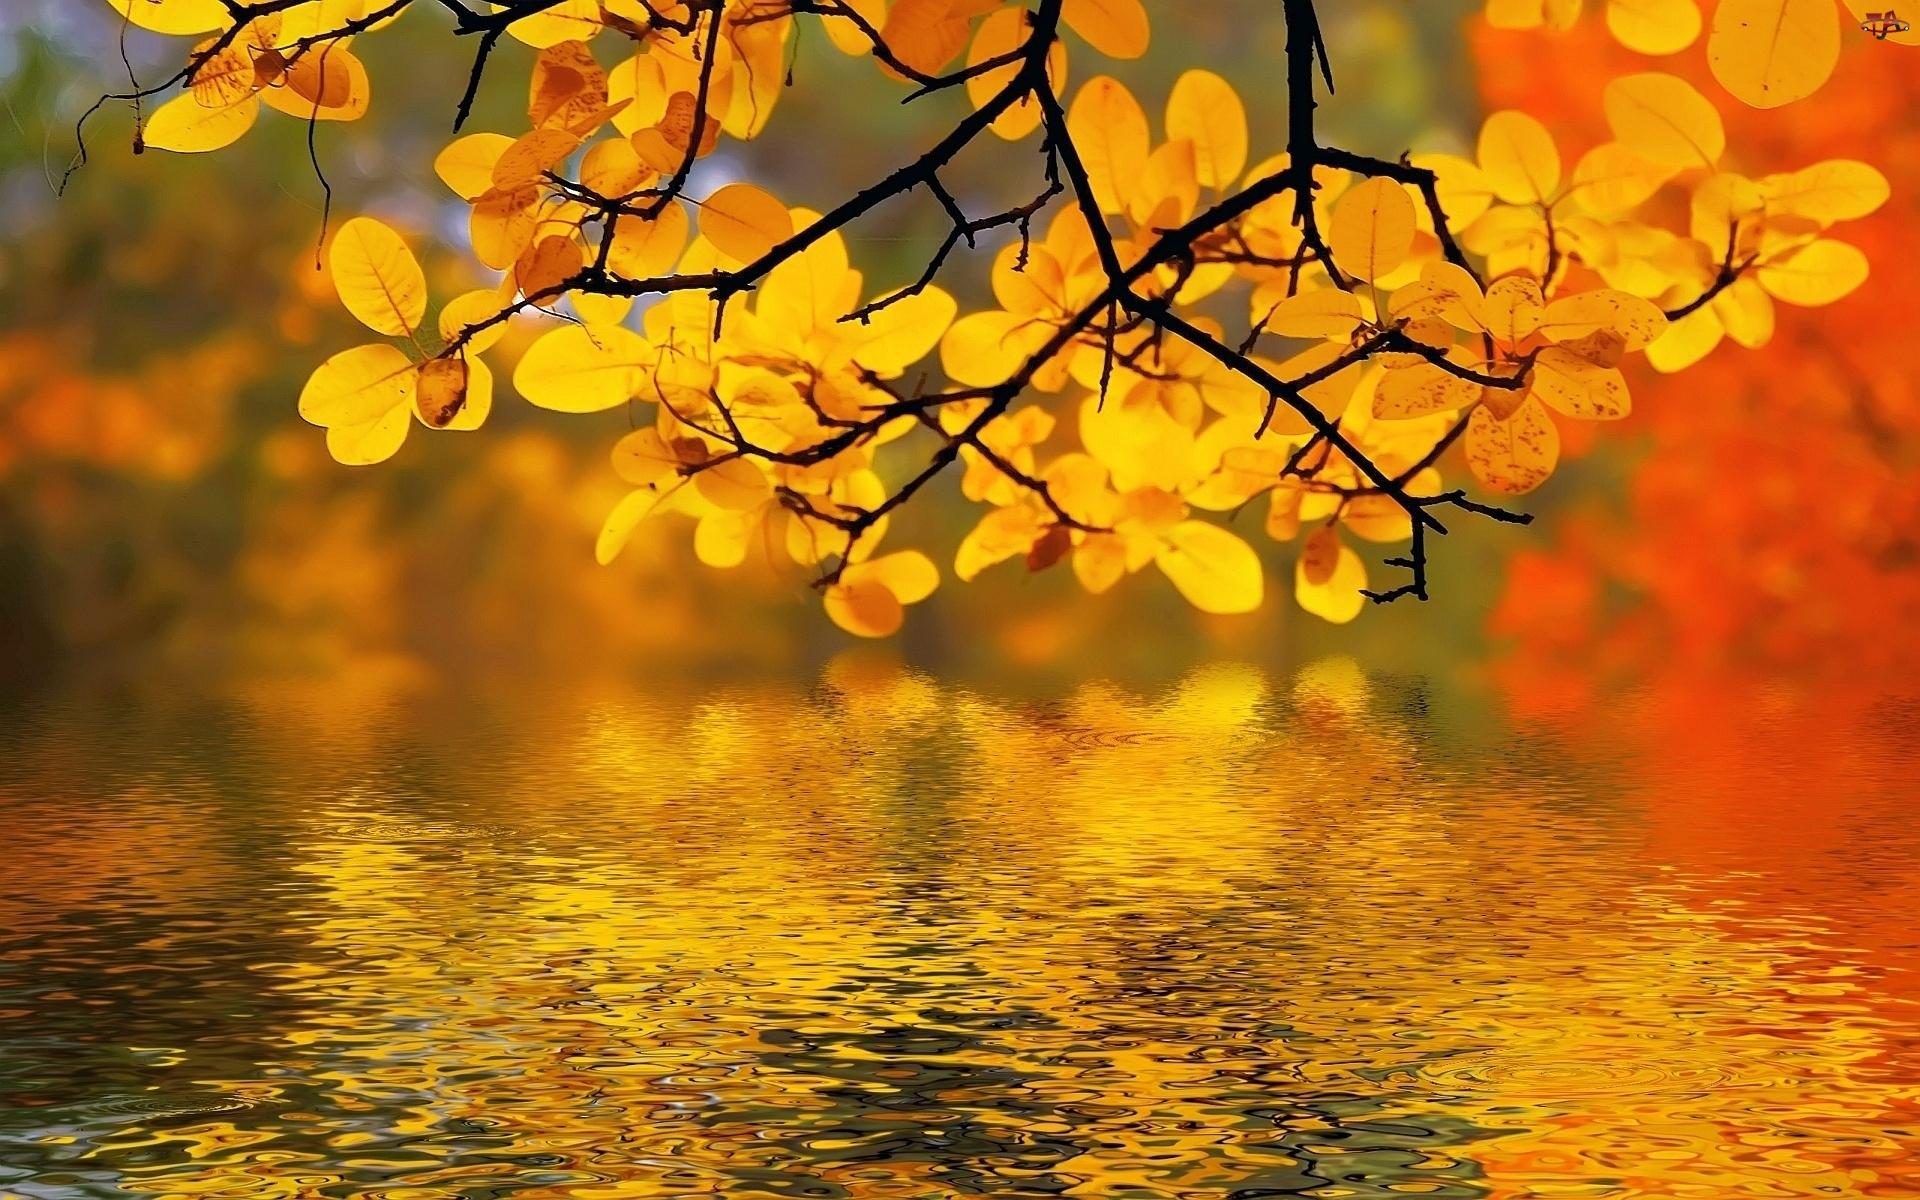 Światło, Drzewo, Rzeka, Gałąz, Przebijające